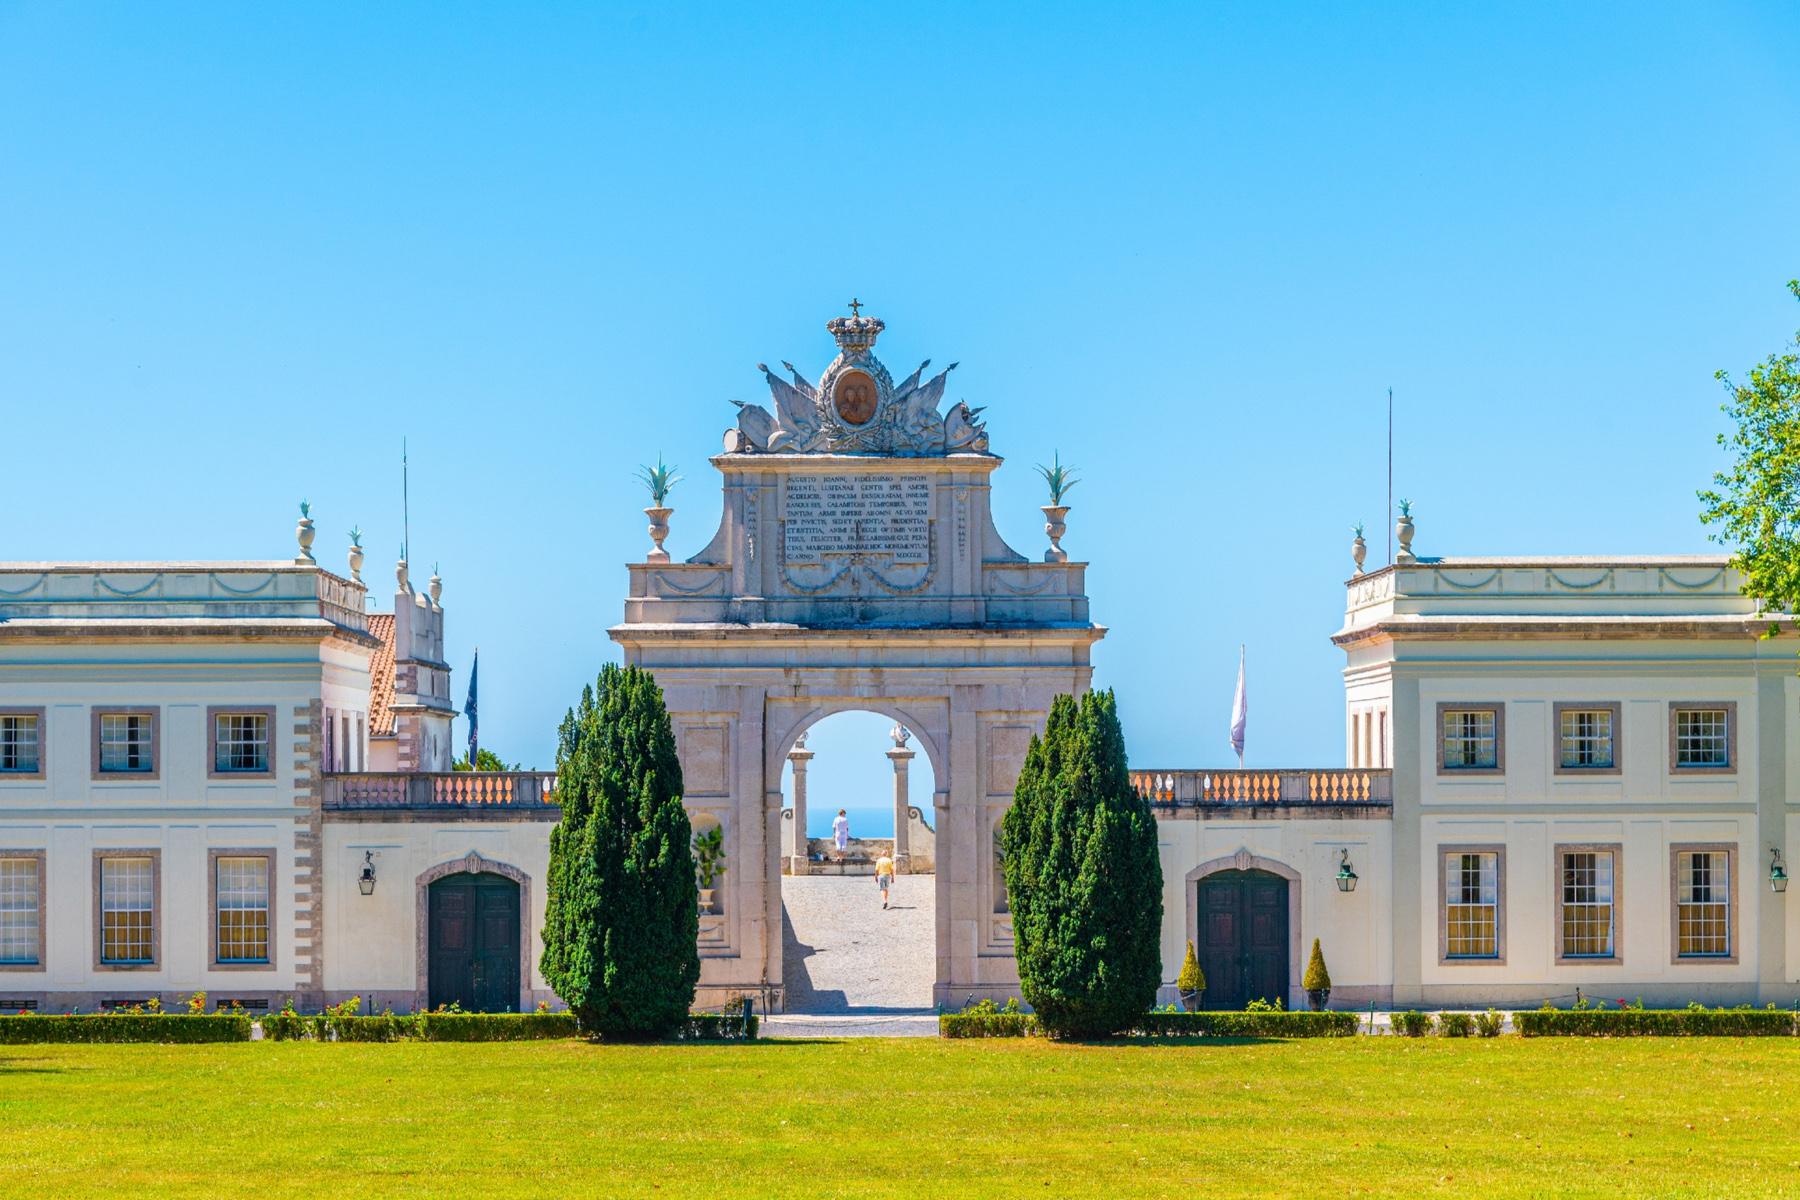 Palácio de Seteais in Sintra